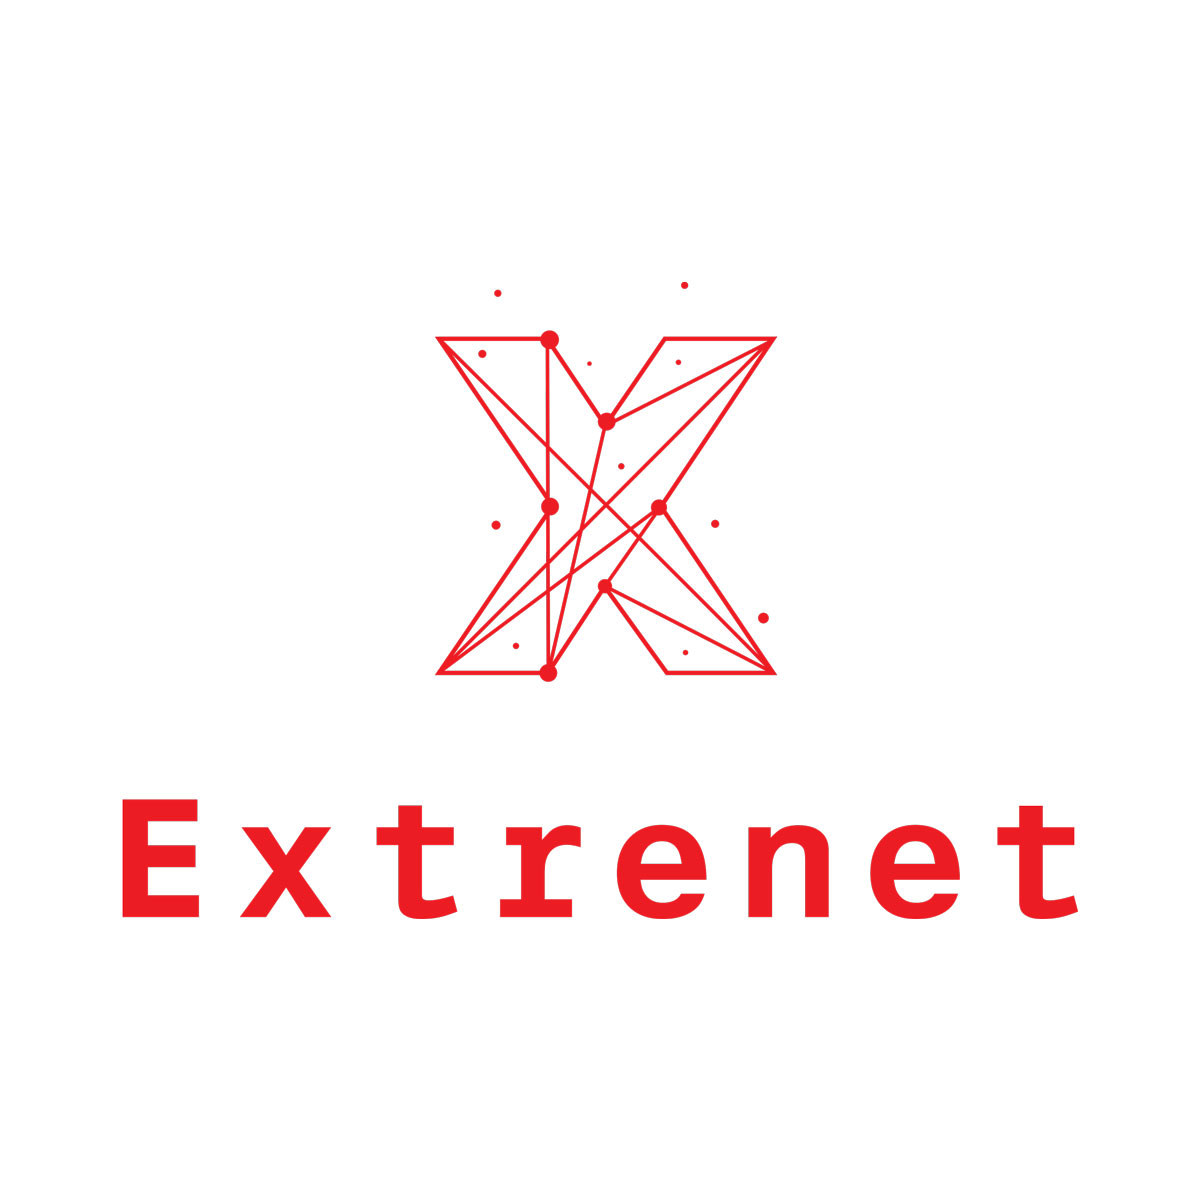 Extrenet, Consultoría Tecnológica en Extremadura, Servicios a empresas, Tecnología, Informática e Internet